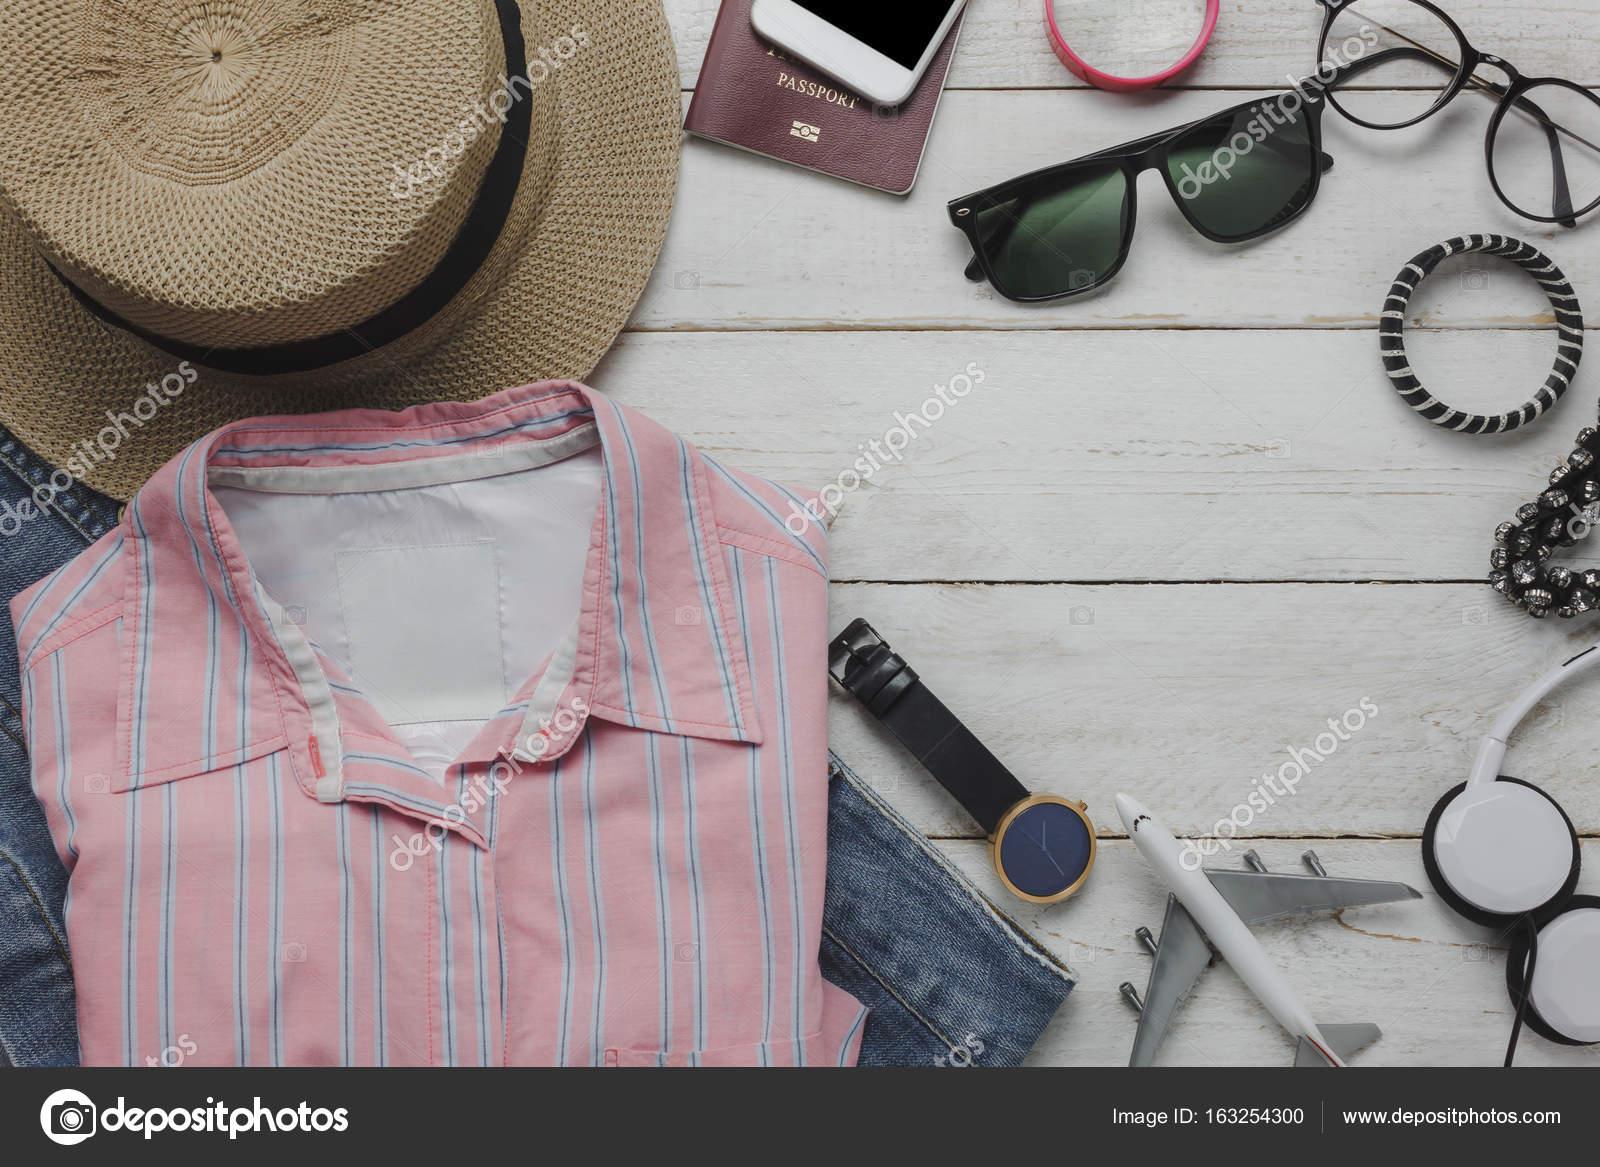 Wohnung Lag Der Kleidung Frauen Konzept Hintergrund Reisen U2014 Stockfoto